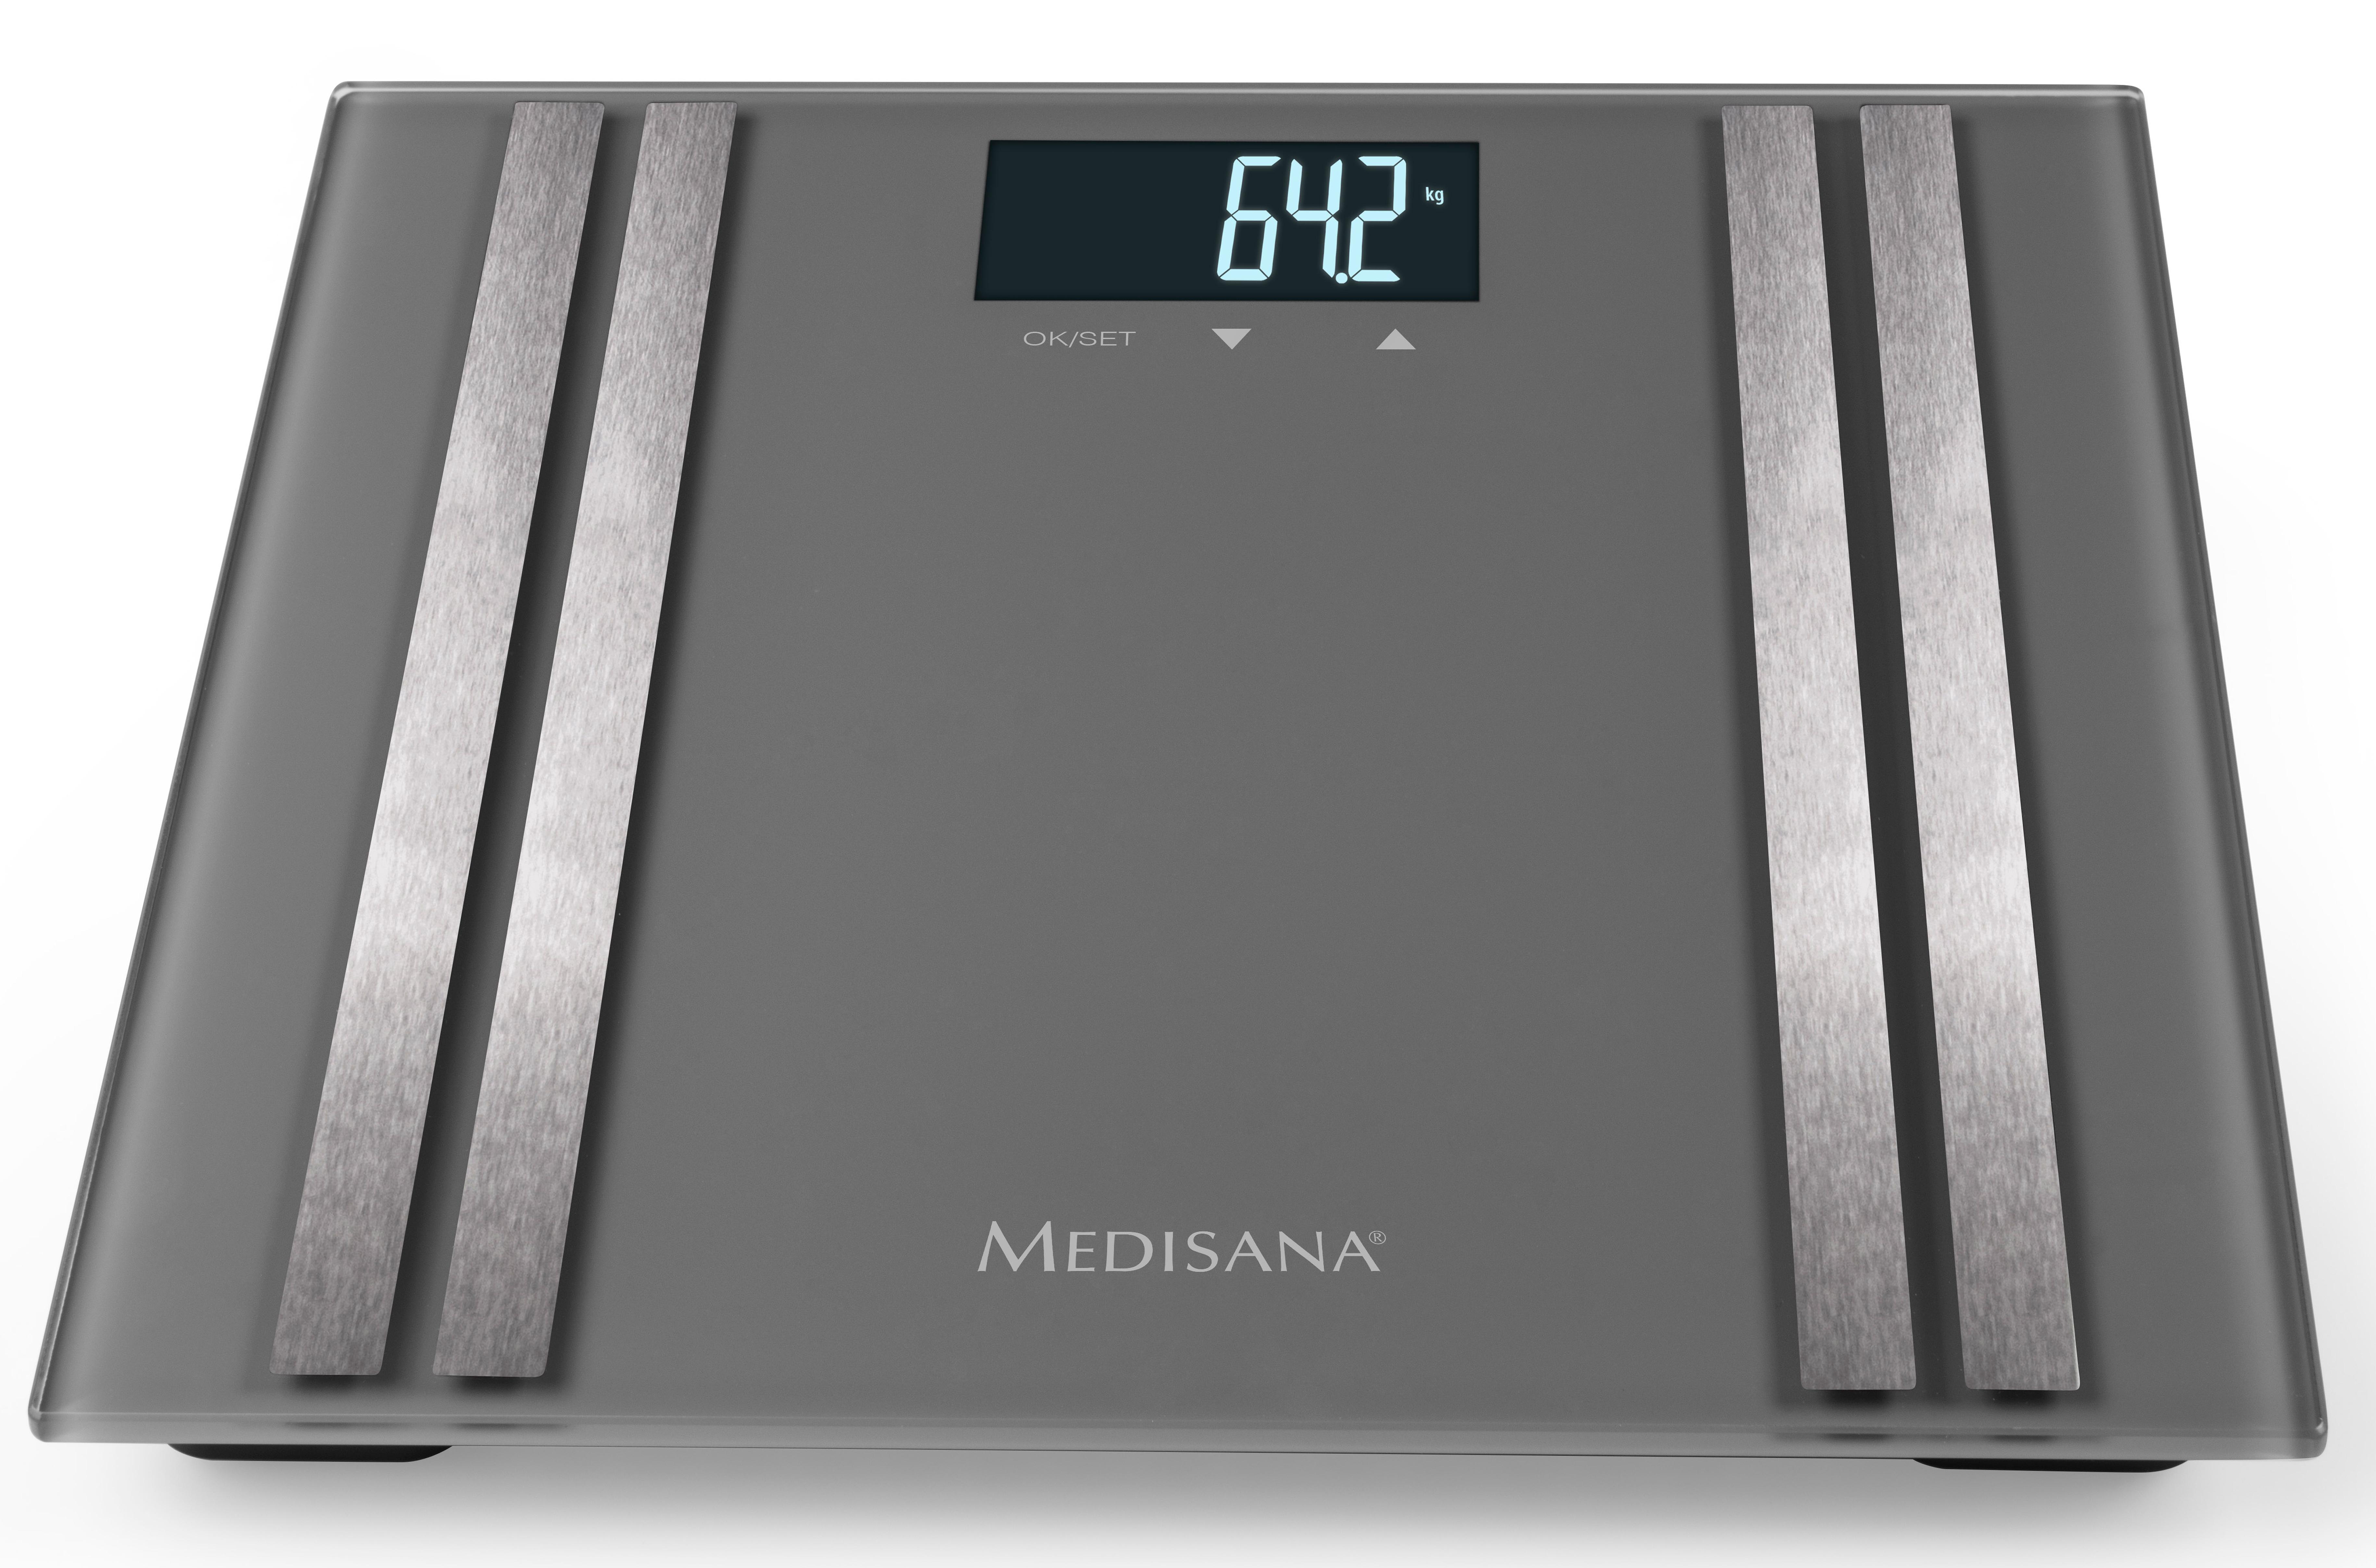 lichaamsanalyse weegschaal bs 476 medisana weegschaal bestellen nllichaamsanalyse weegschaal bs 476 medisana